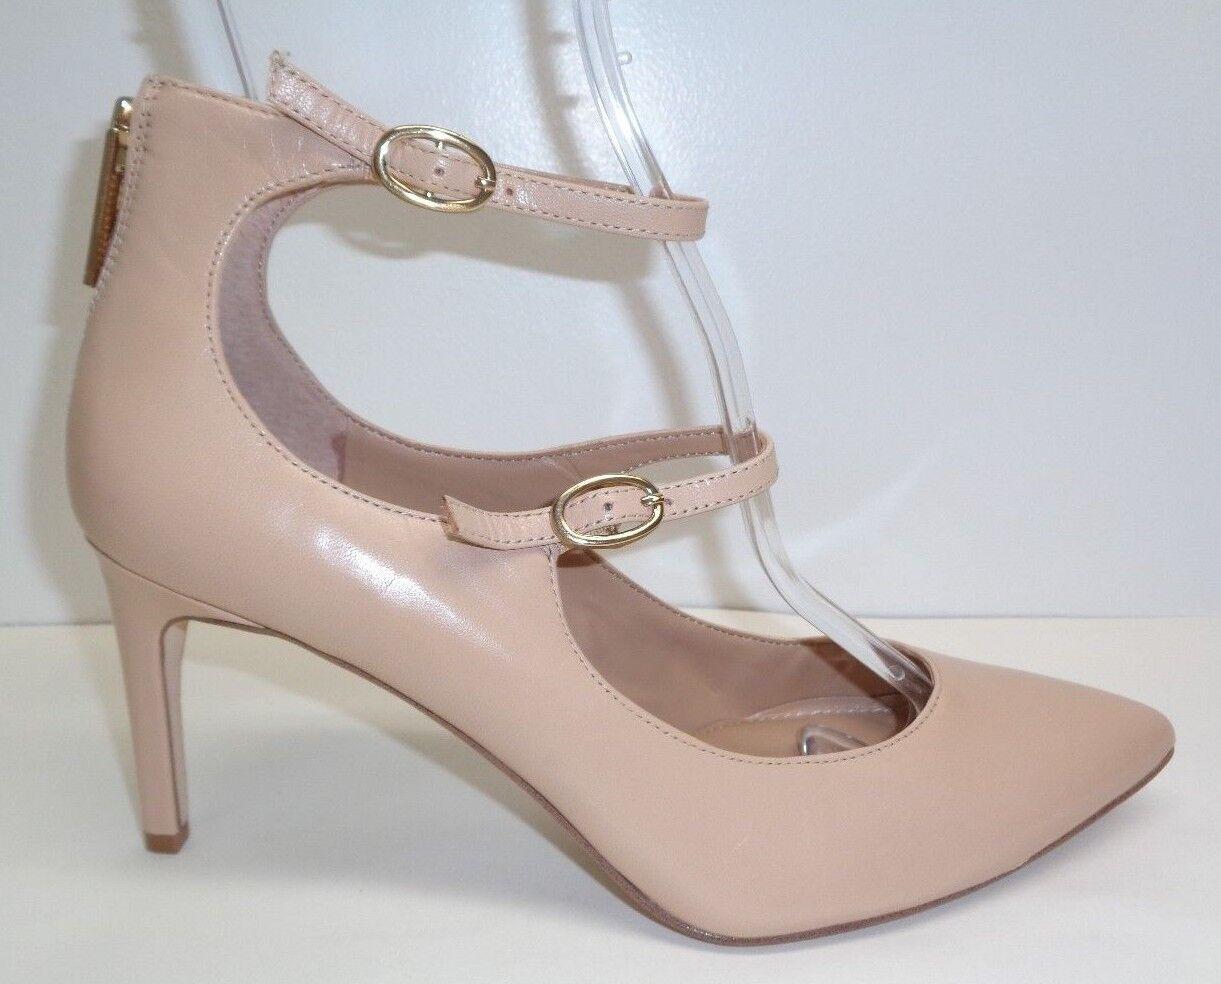 BCBG BCBGeneration Größe 7.5 M ZALUCA Beige Leder Heels Pumps NEU Damenschuhe Schuhes